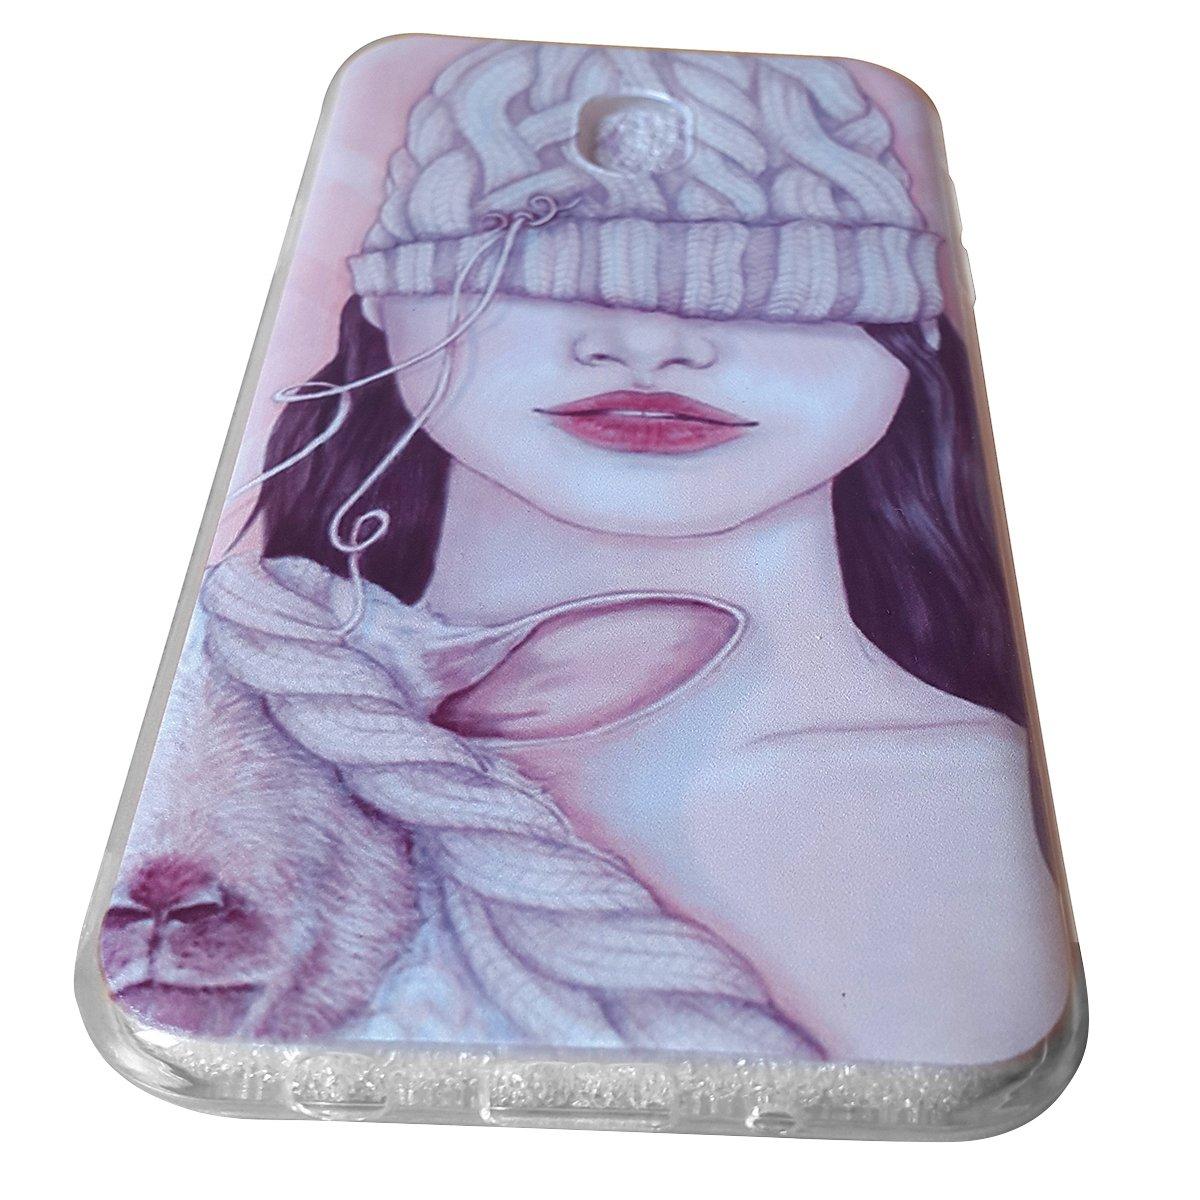 Ốp lưng Samsung Galaxy J7 Pro Tuxedo hình cô gái bí ẩn (chất liệu nhựa dẻo đàn hồi, chống bụi, chống xước)